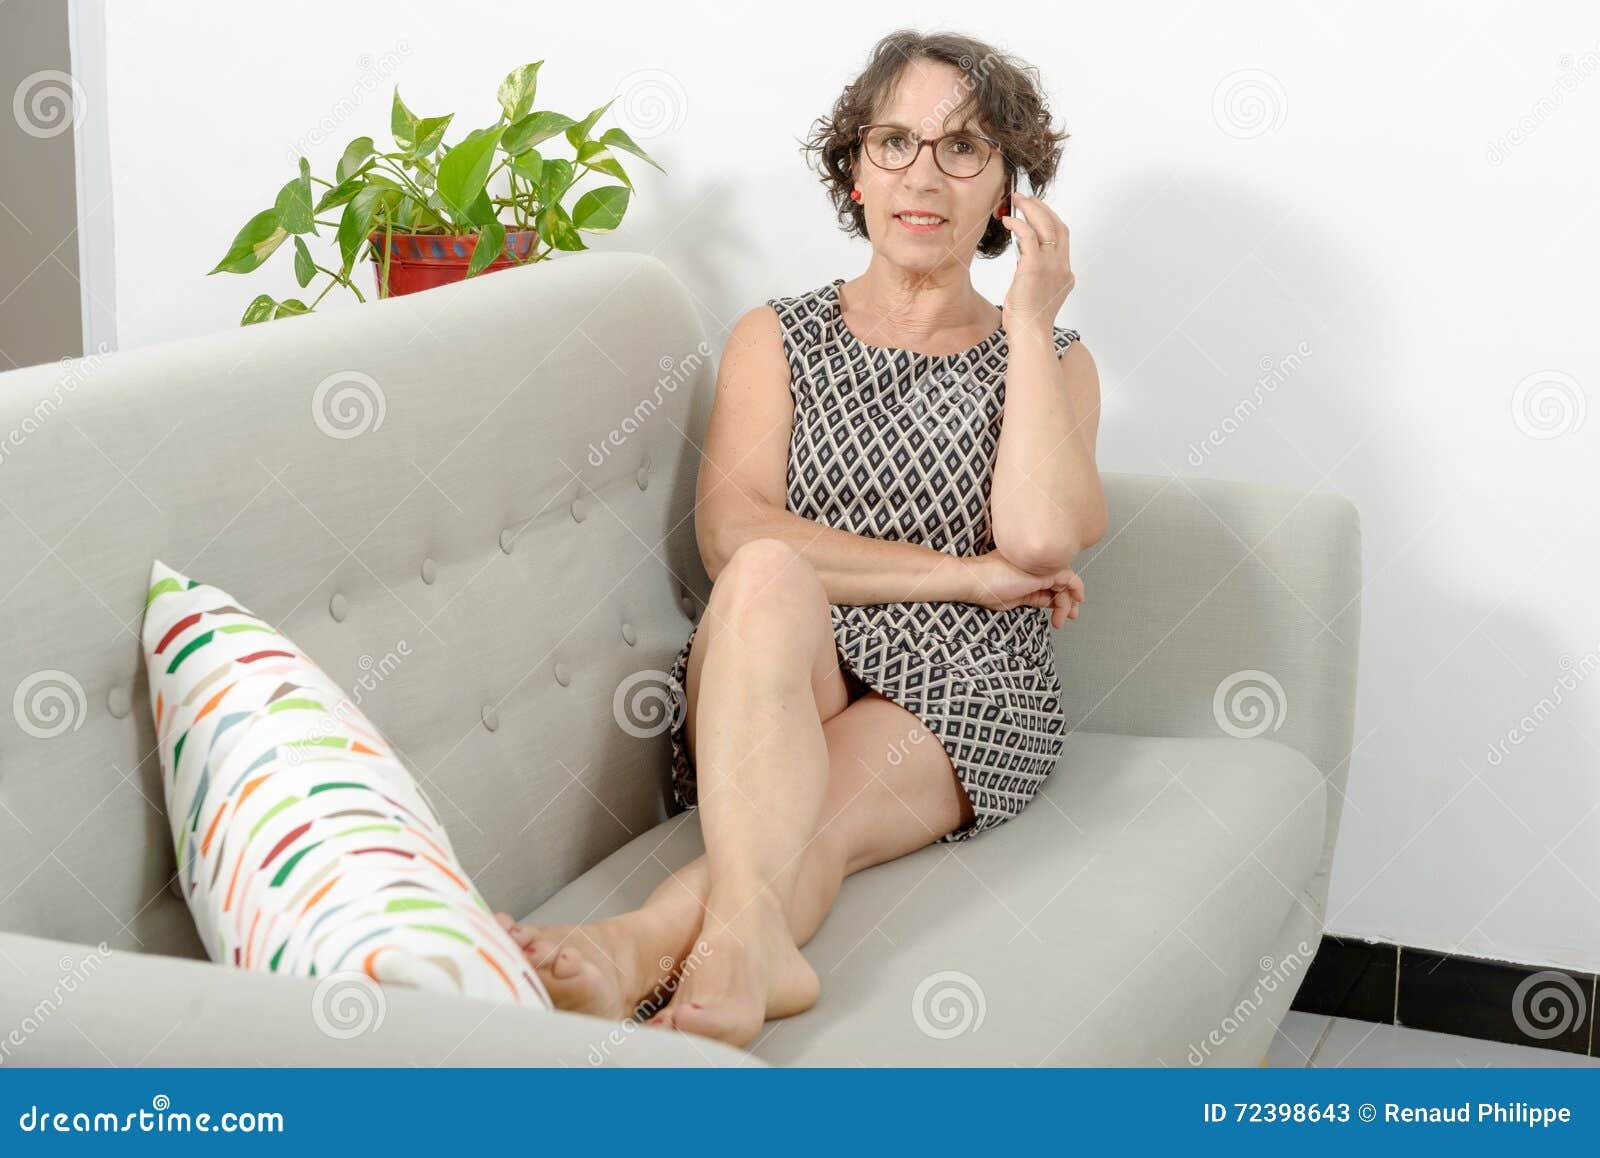 Privater Sexfilm auf dem Sofa